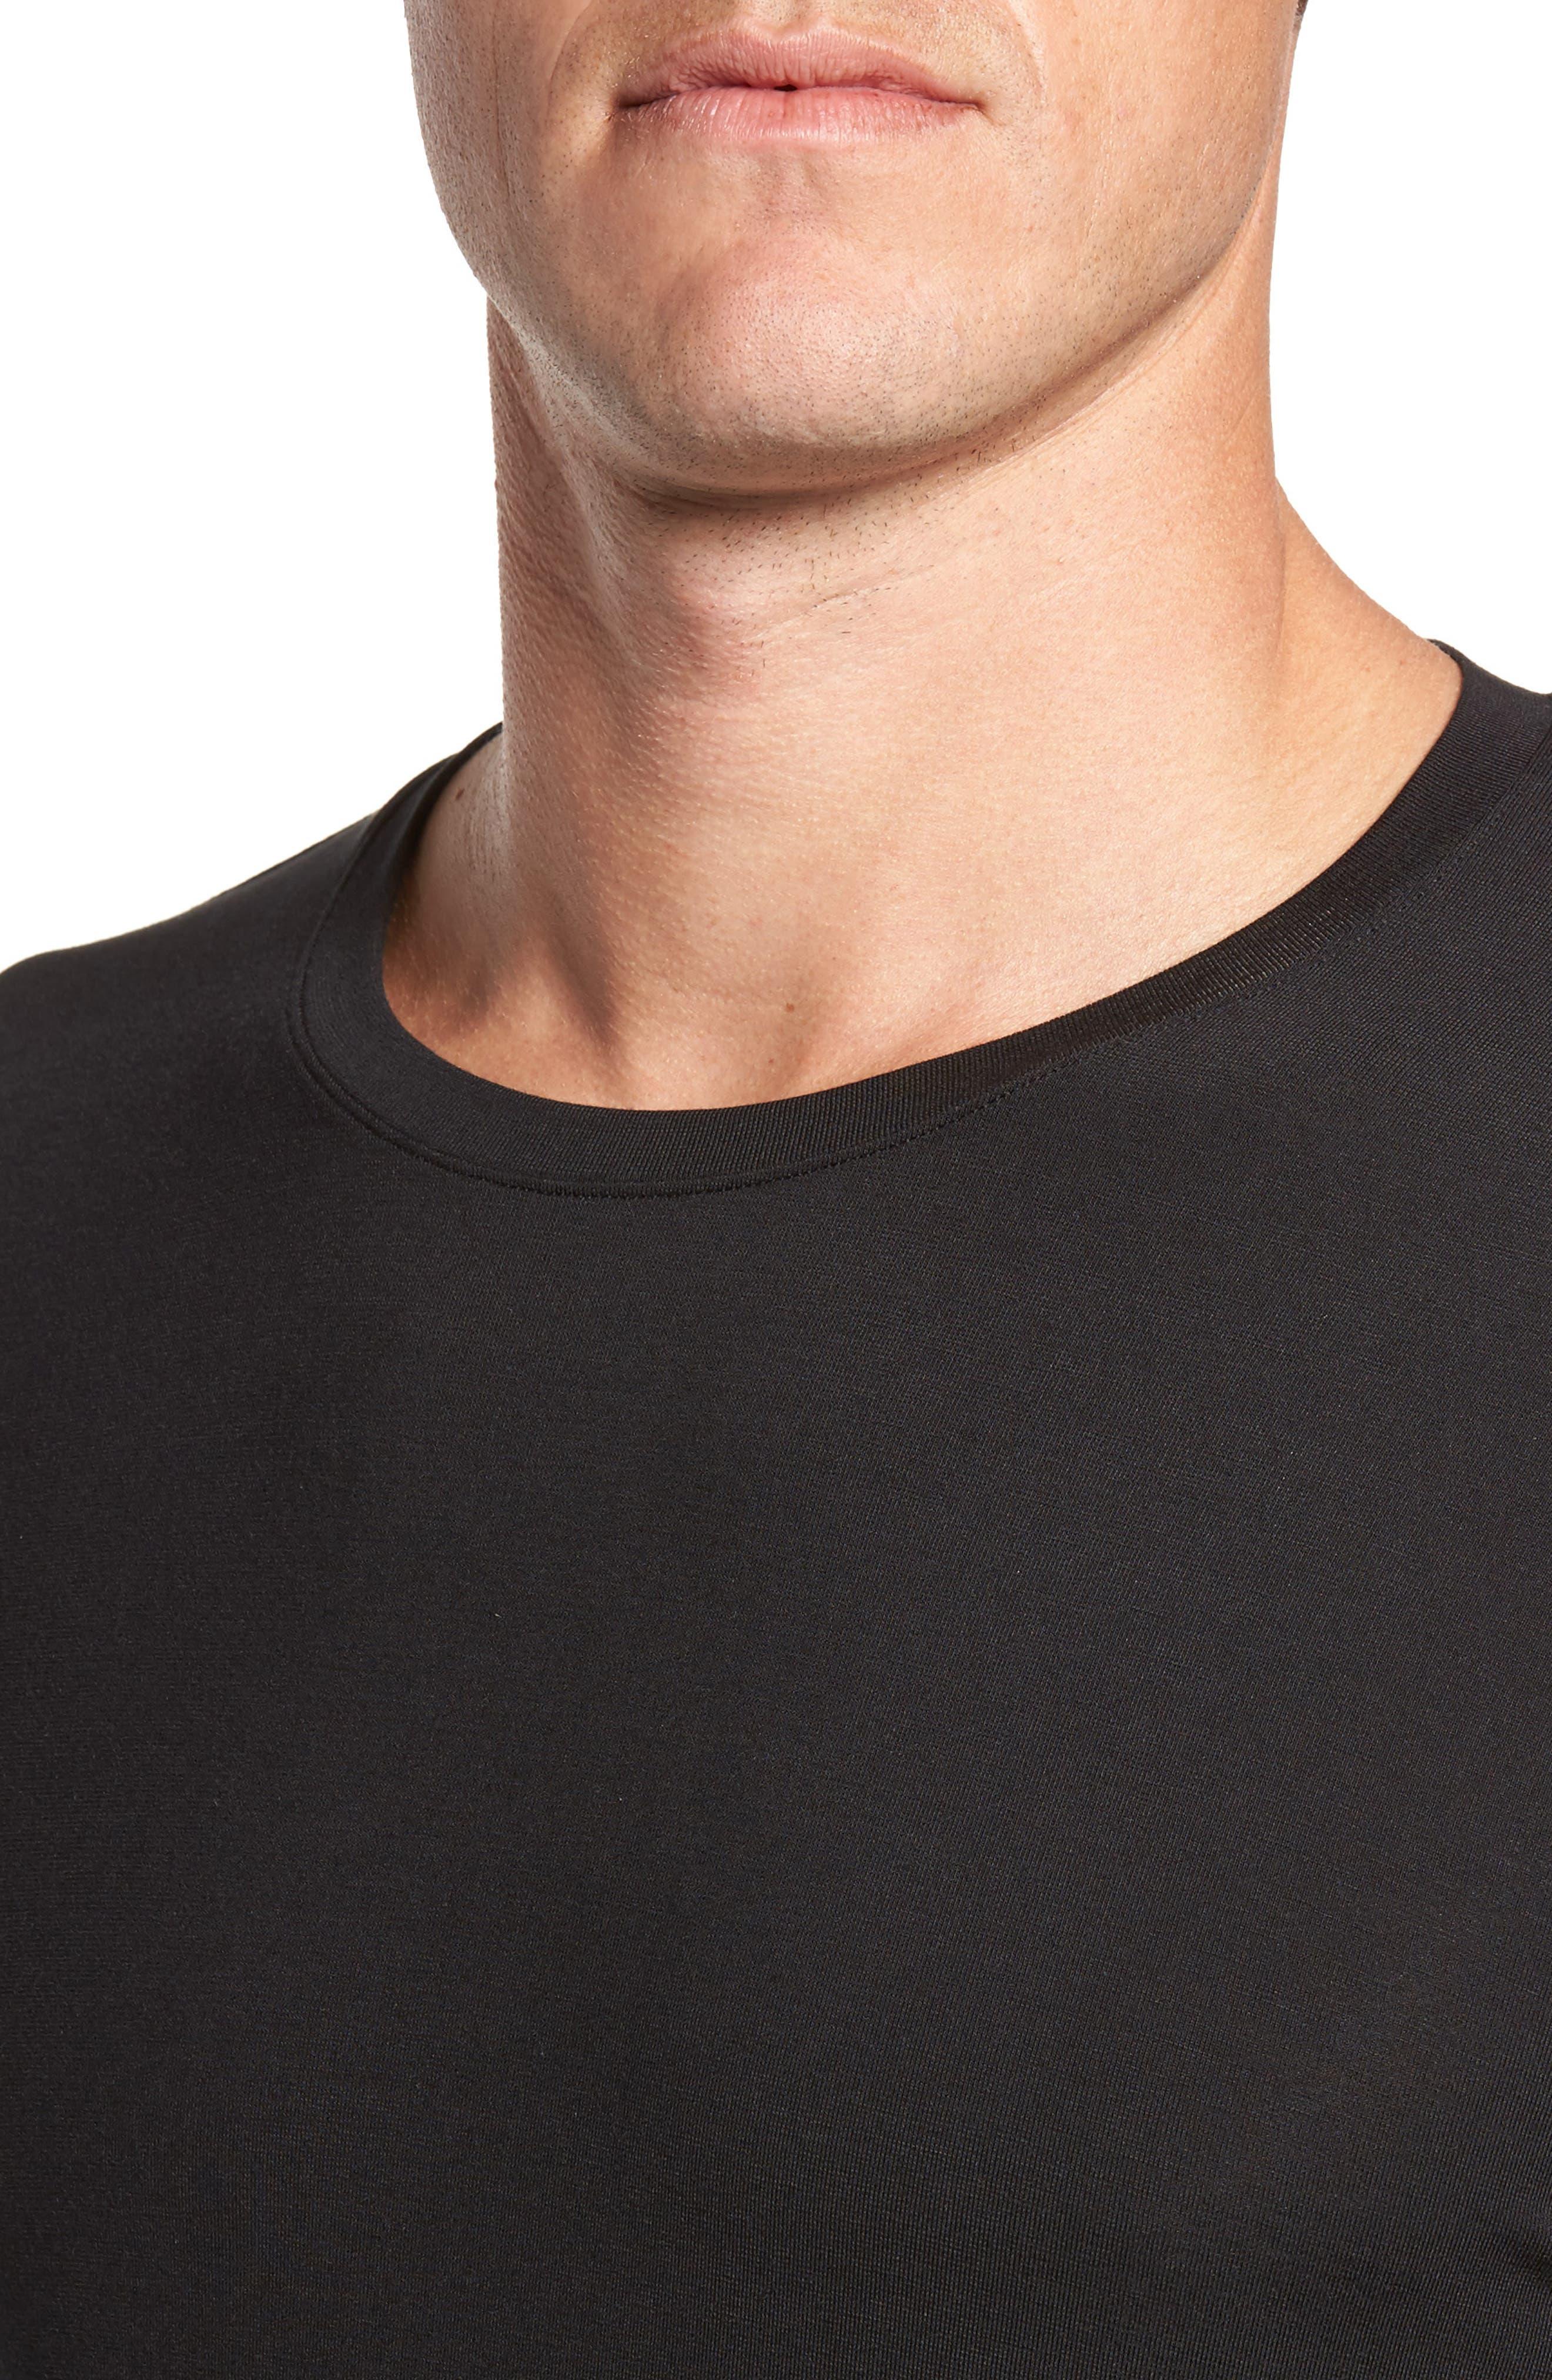 Second Skin T-Shirt,                             Alternate thumbnail 4, color,                             BLACK